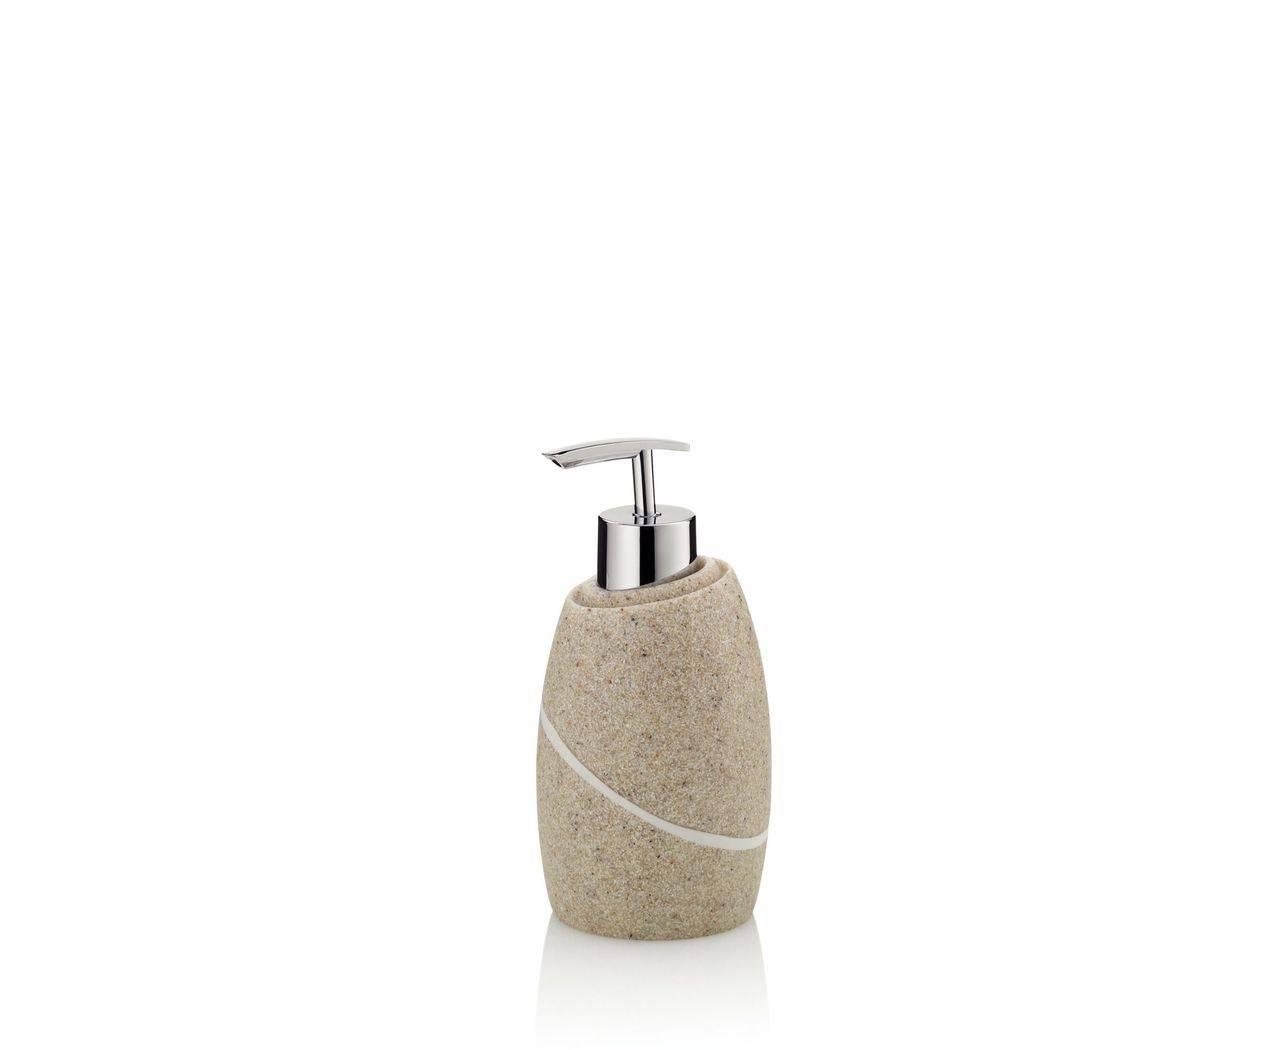 Dávkovač mýdla TALUS dekor kámen KL-20297 - Kela